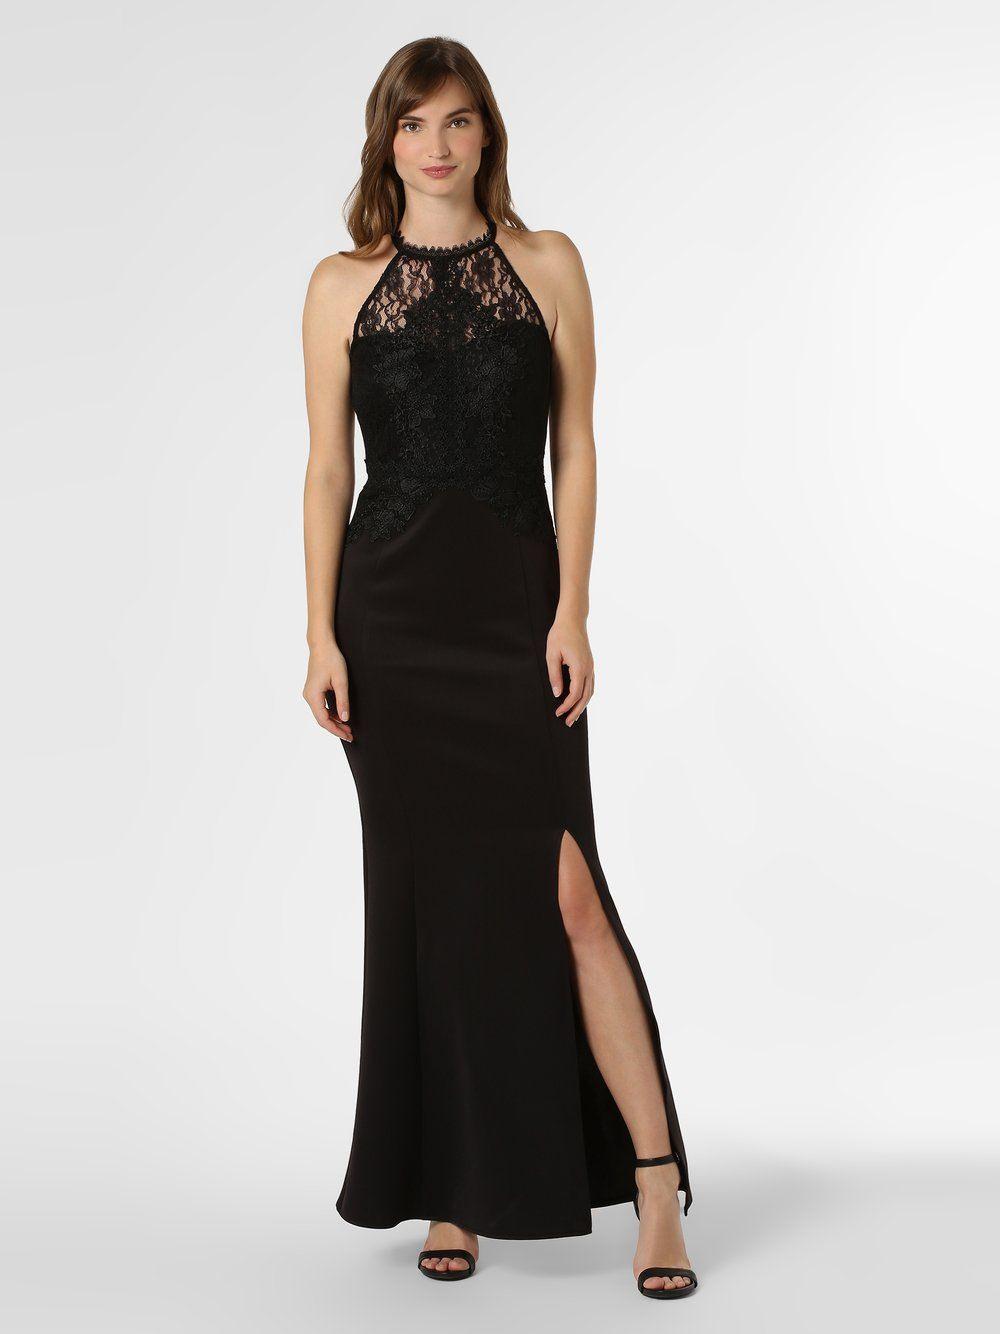 Formal Einzigartig Lipsy Abend Kleider für 201910 Perfekt Lipsy Abend Kleider für 2019